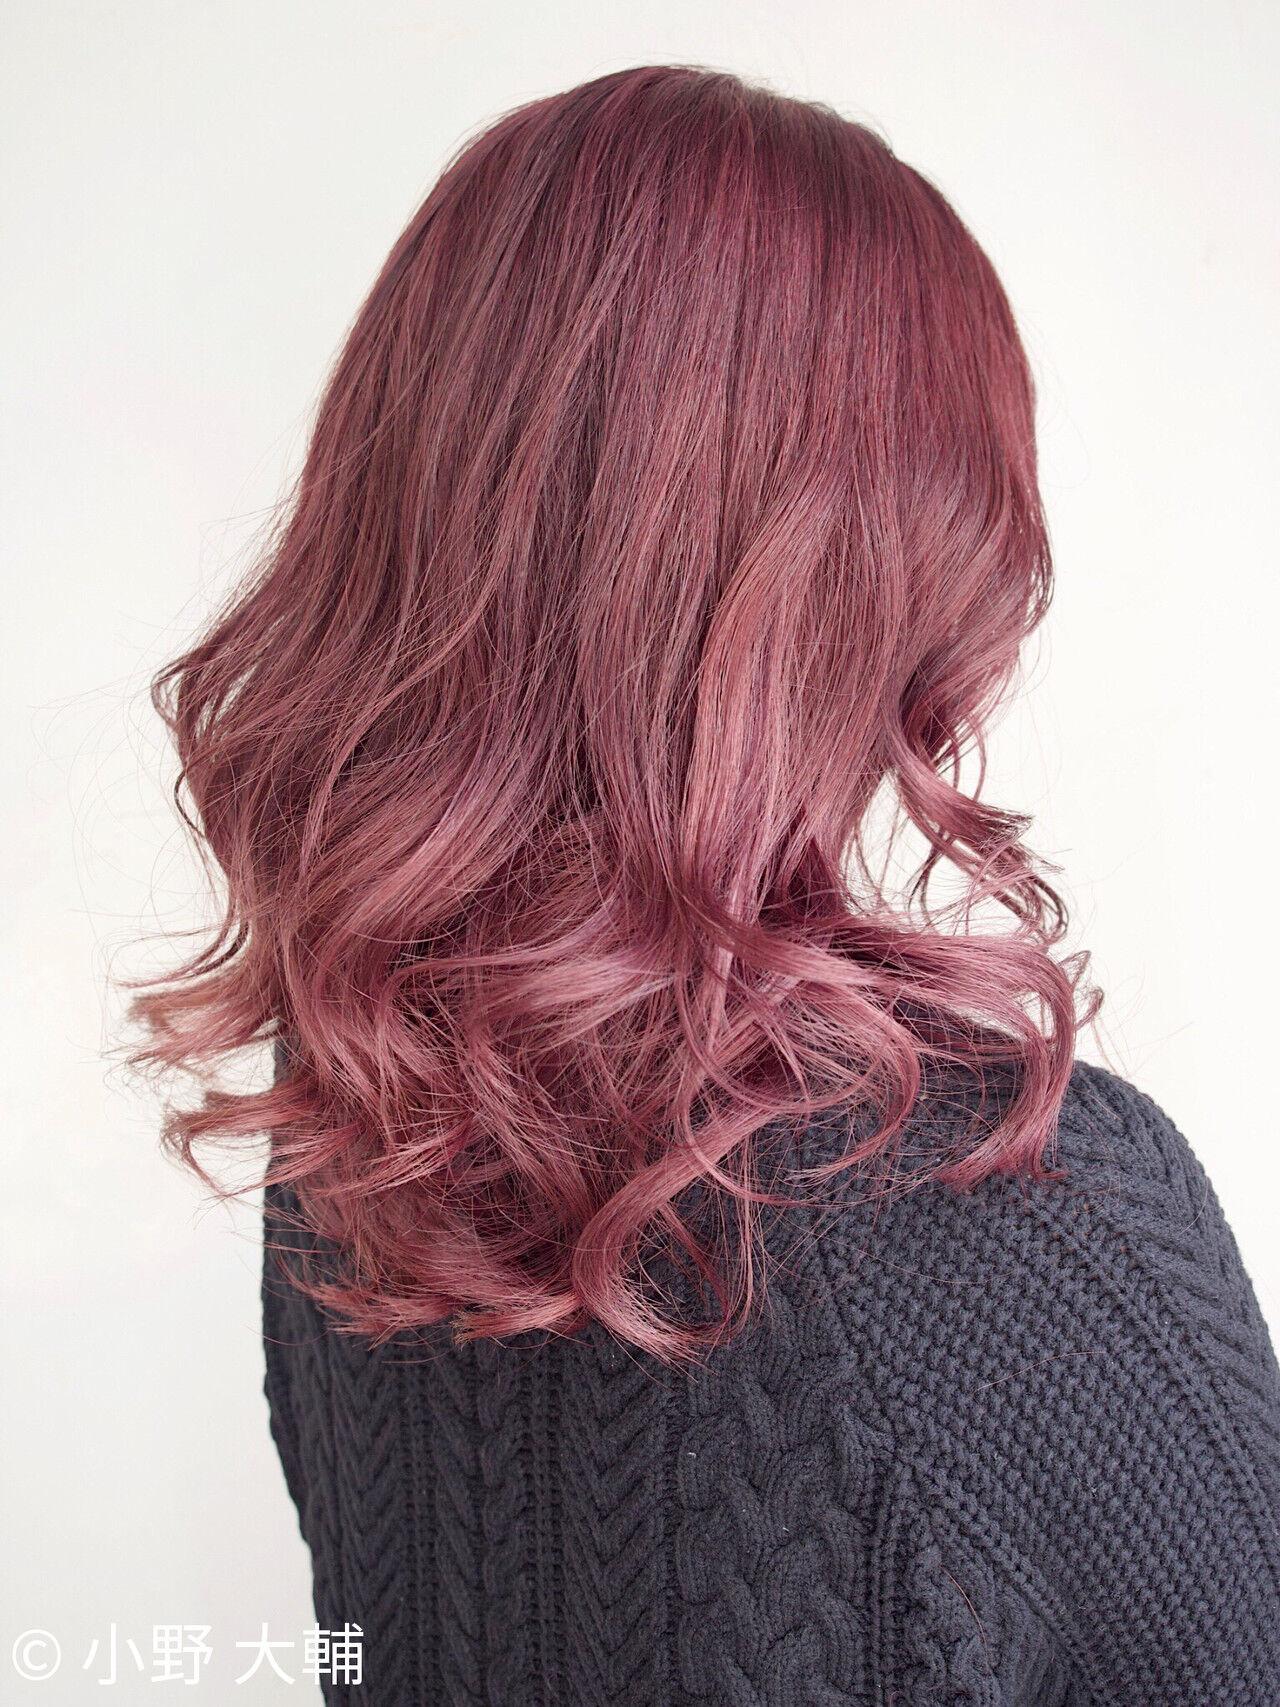 ミディアムレイヤー ラベンダーピンク ミディアム ナチュラルヘアスタイルや髪型の写真・画像